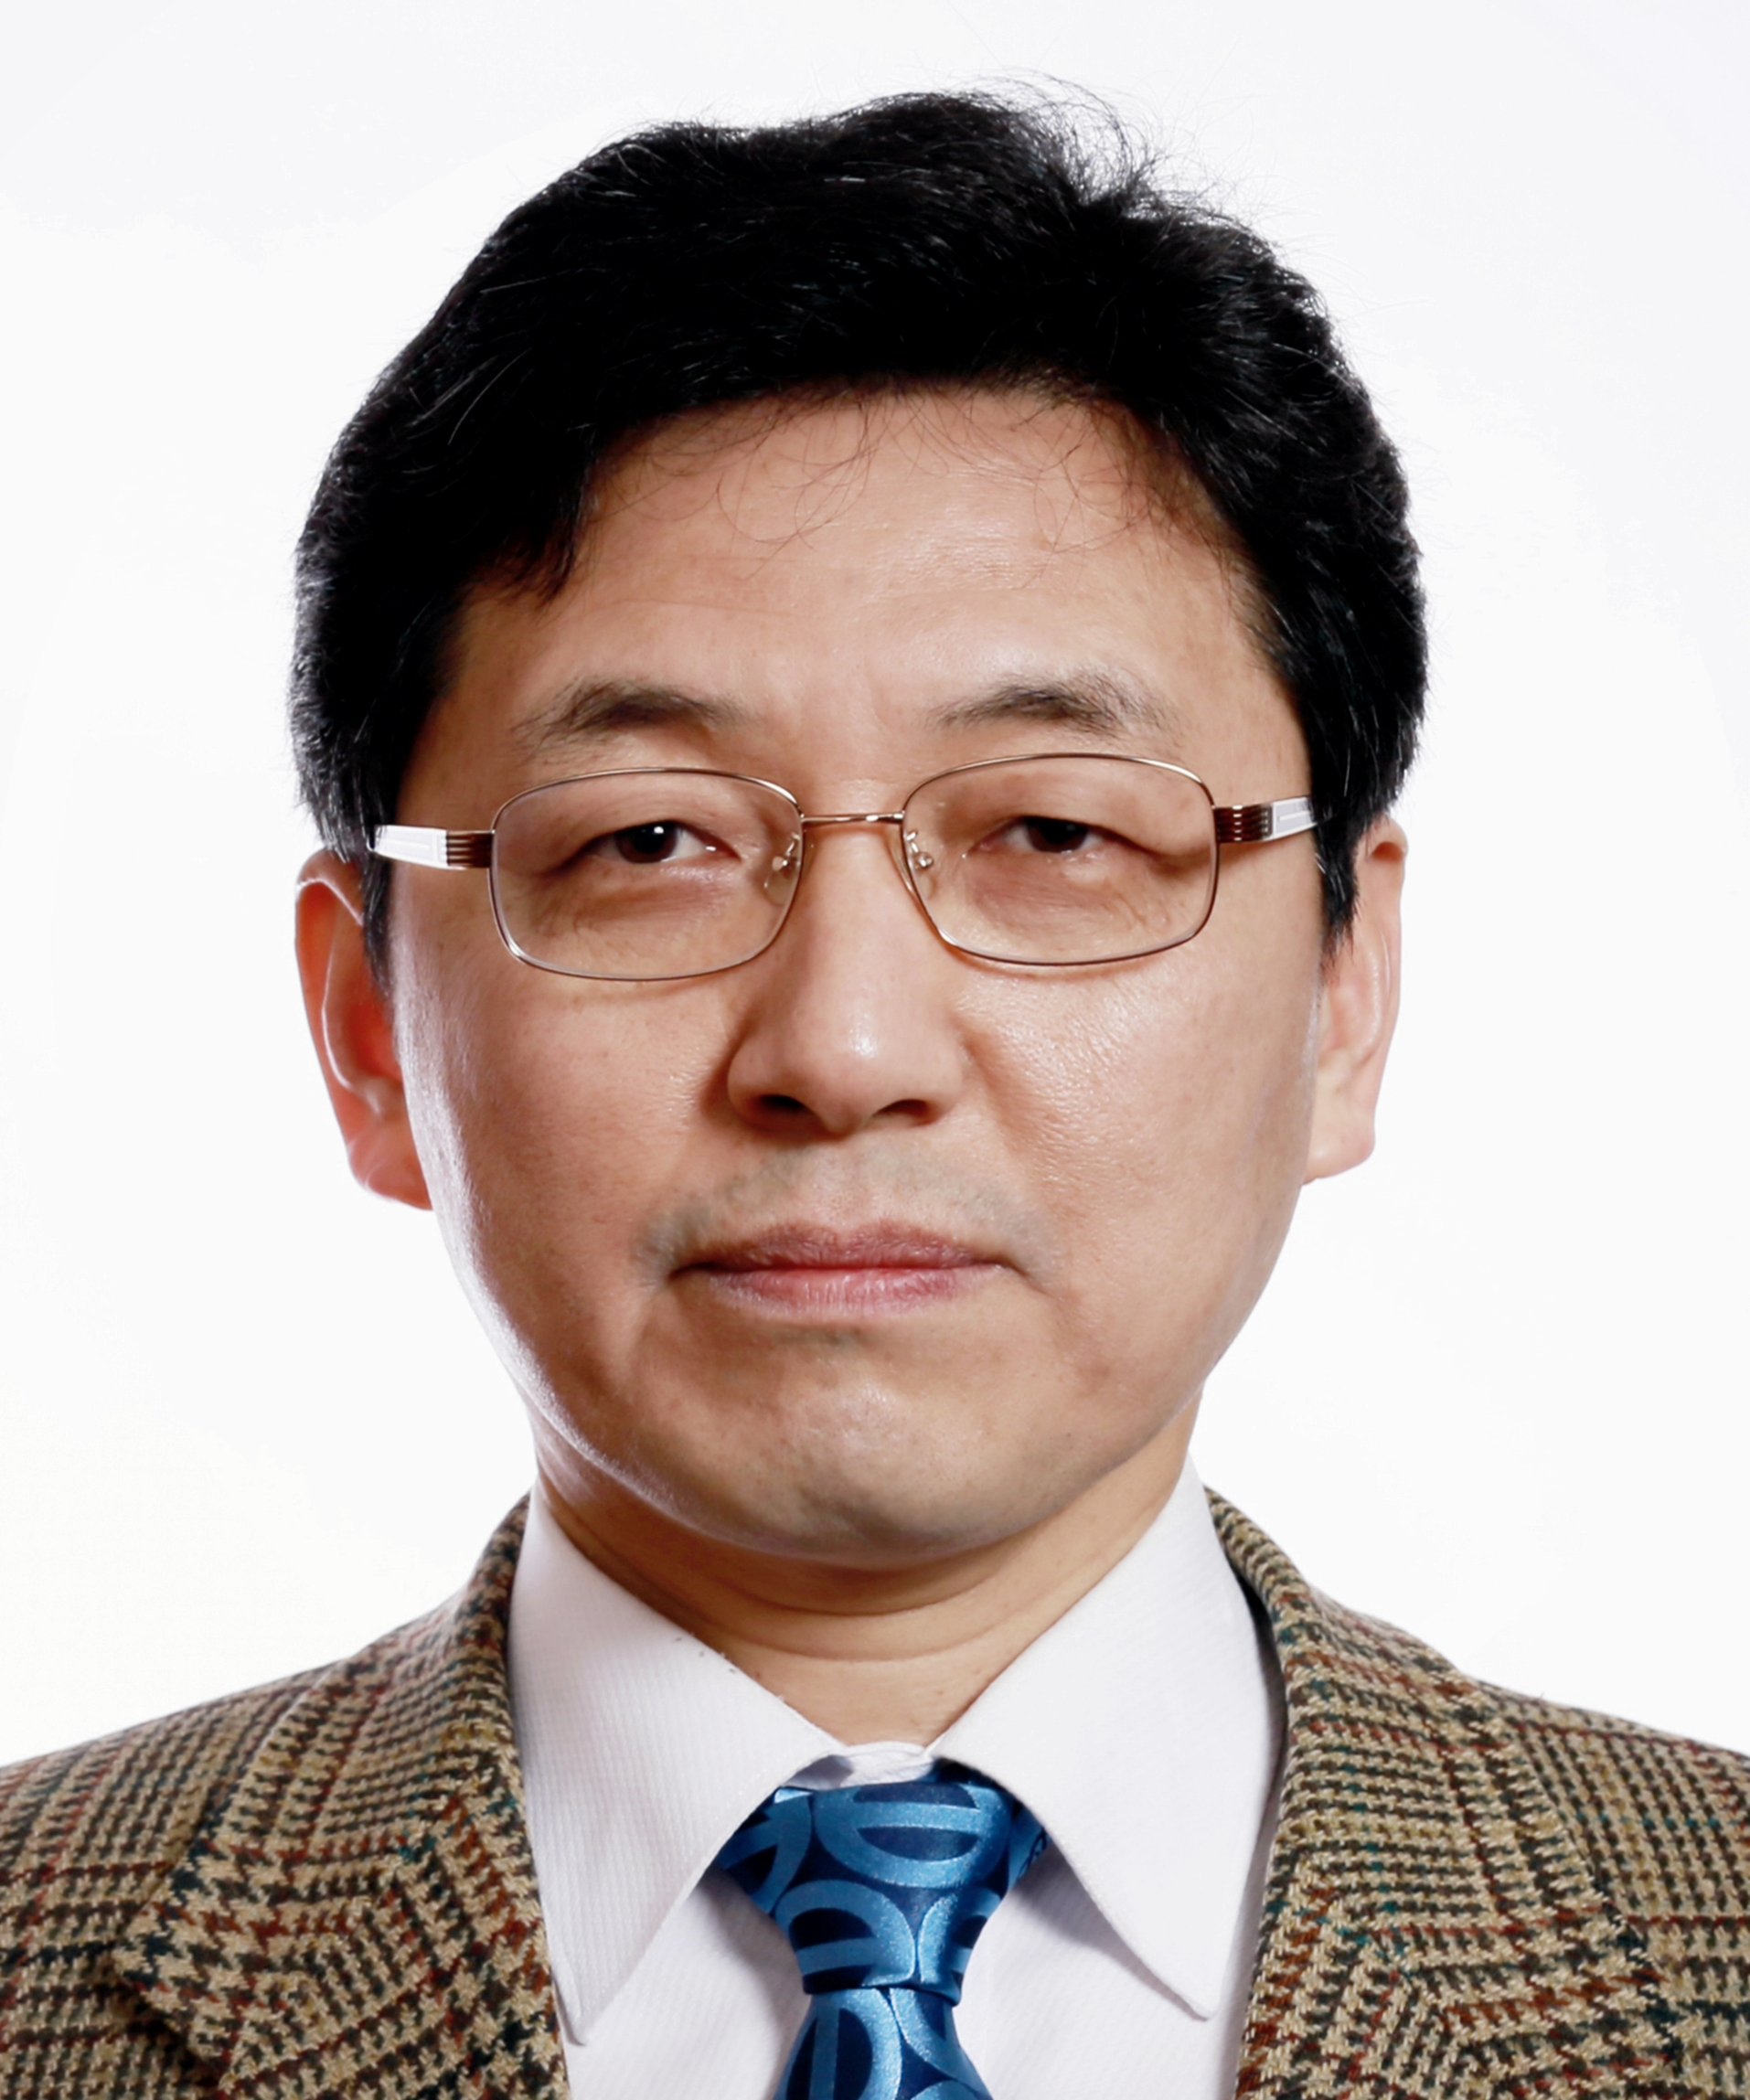 박민호 교수 사진